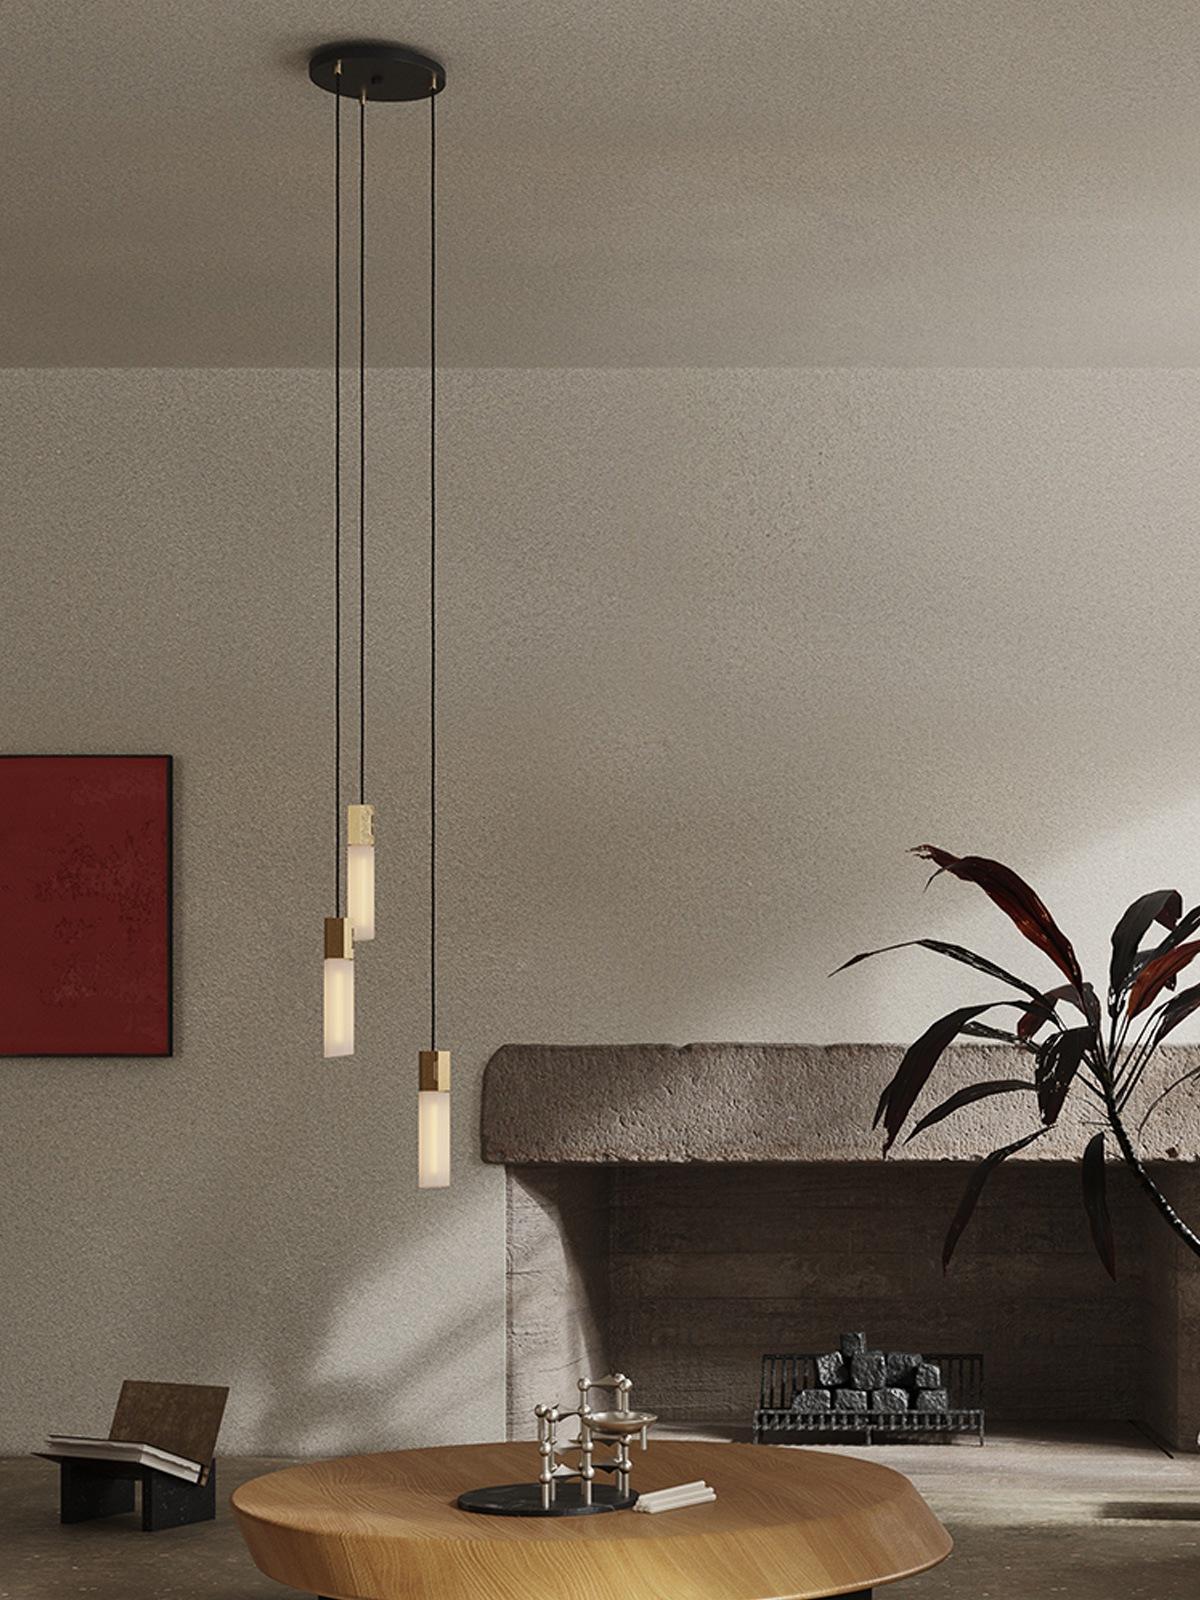 Basalt Pendelleuchten Tala DesignOrt Berlin Onlineshop